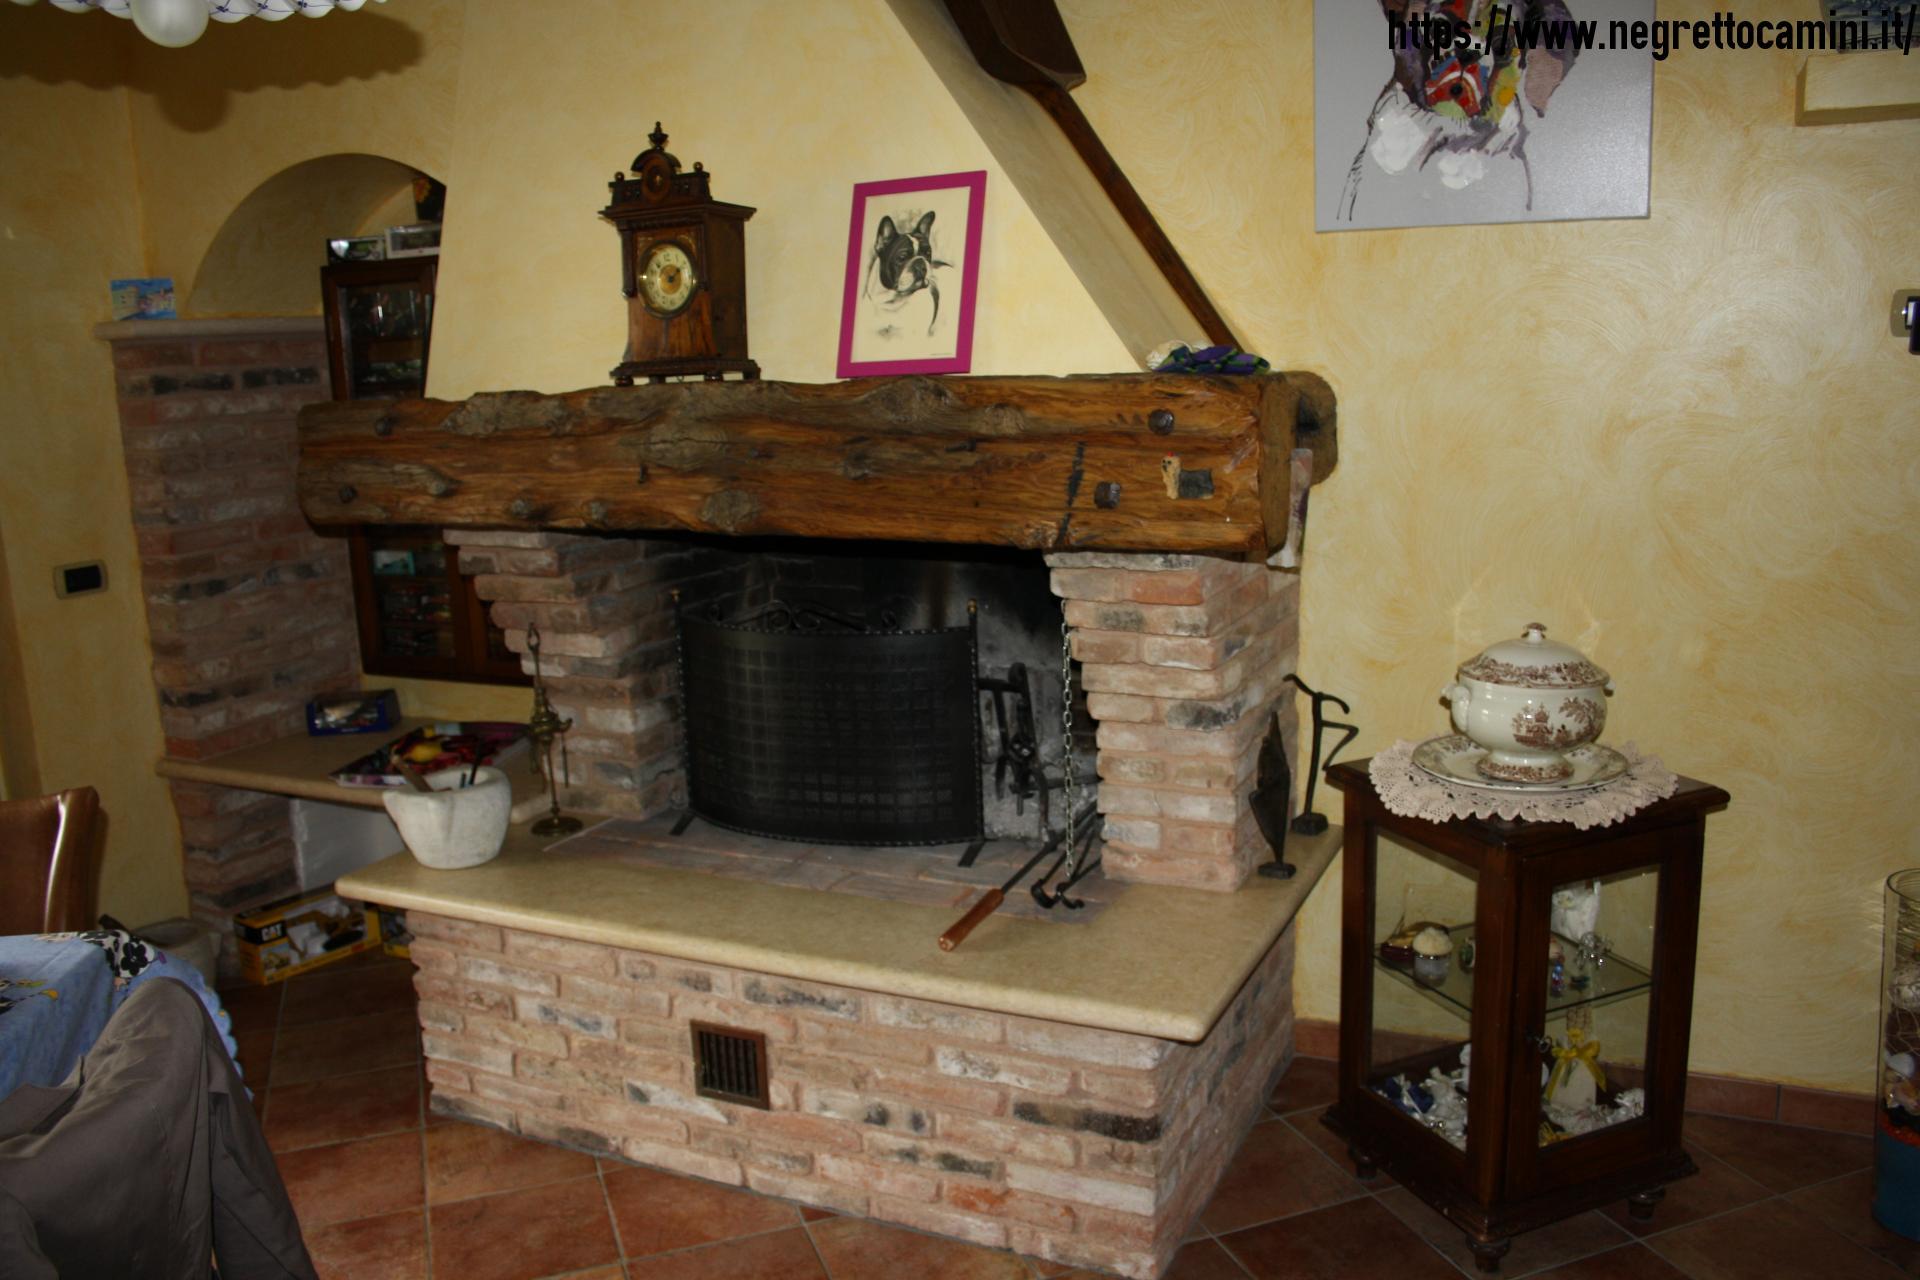 Camino In Pietra Rustico : Caminetti rustici negretto camini d autore